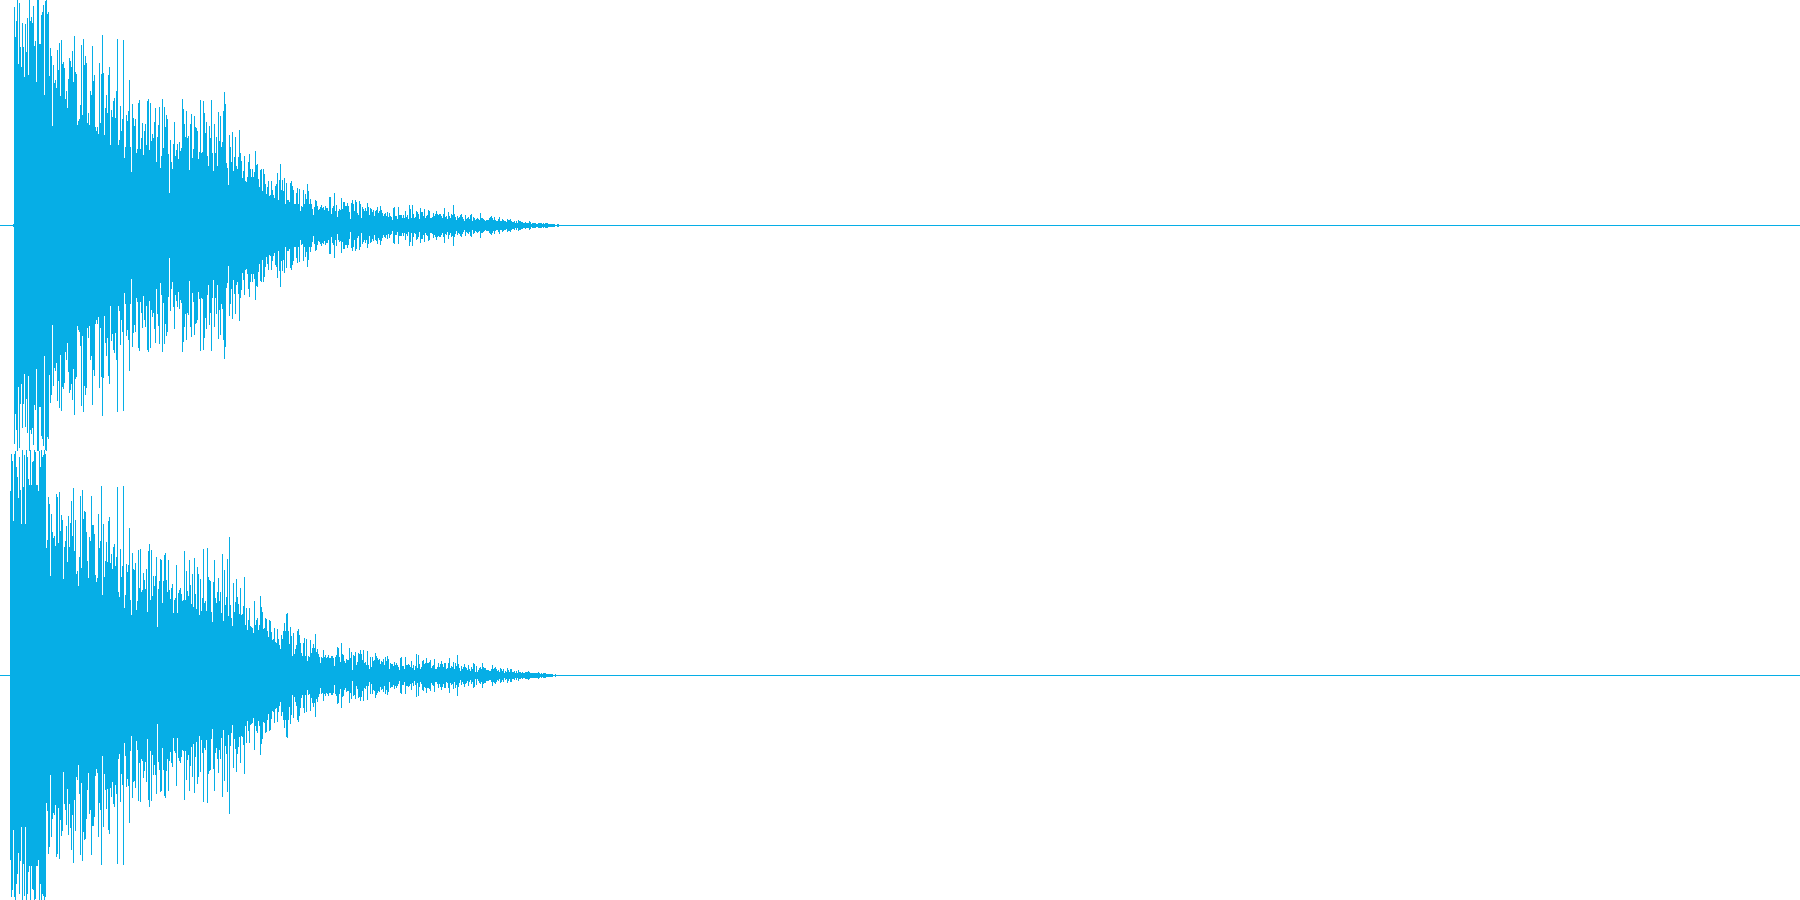 攻撃音12の再生済みの波形